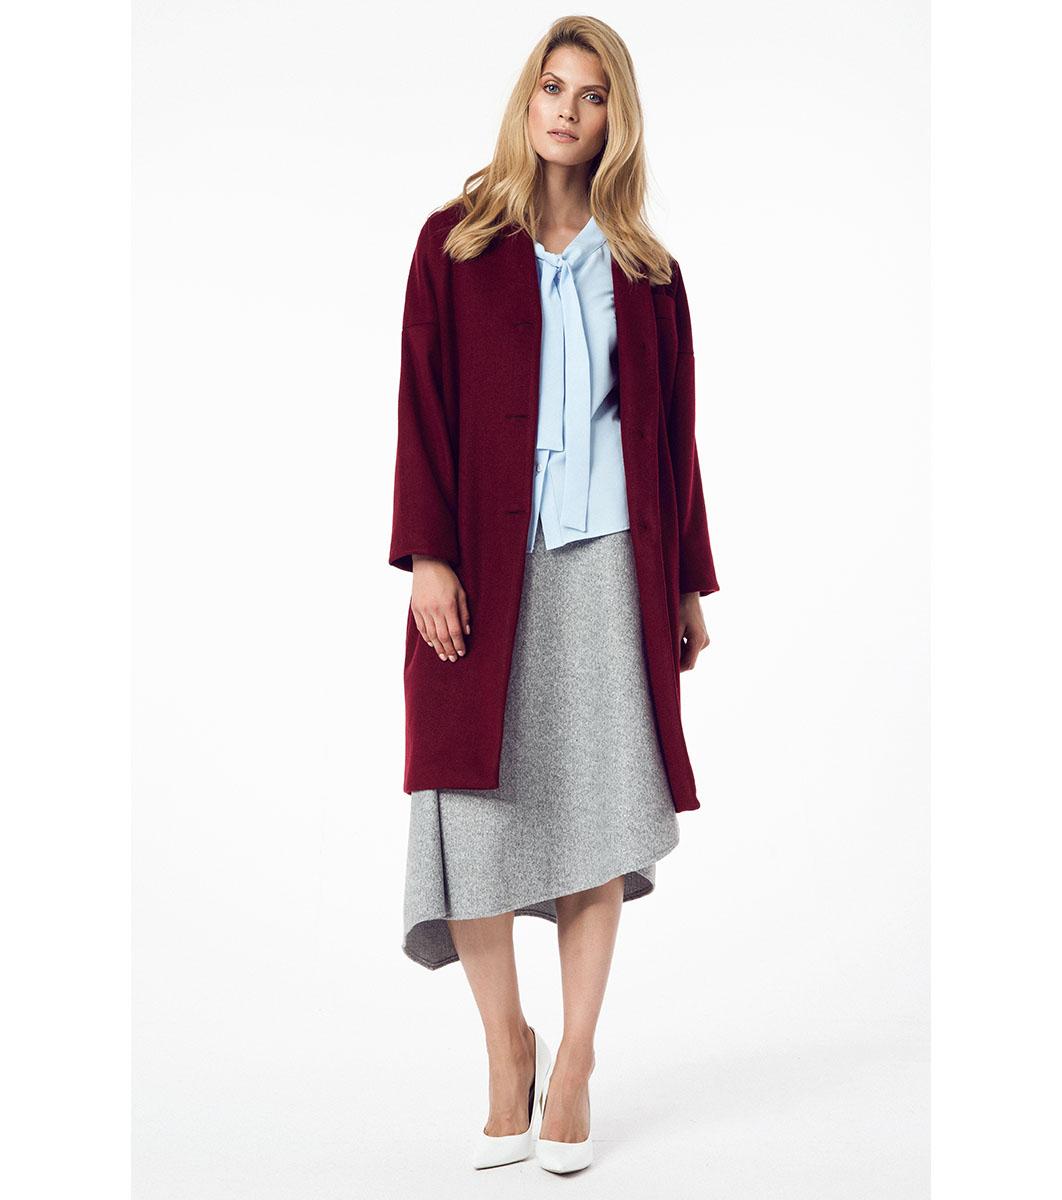 eb734f008ab Дамско вълнено палто в цвят бордо Lina - 1720674 - Fashion Supreme.co.uk